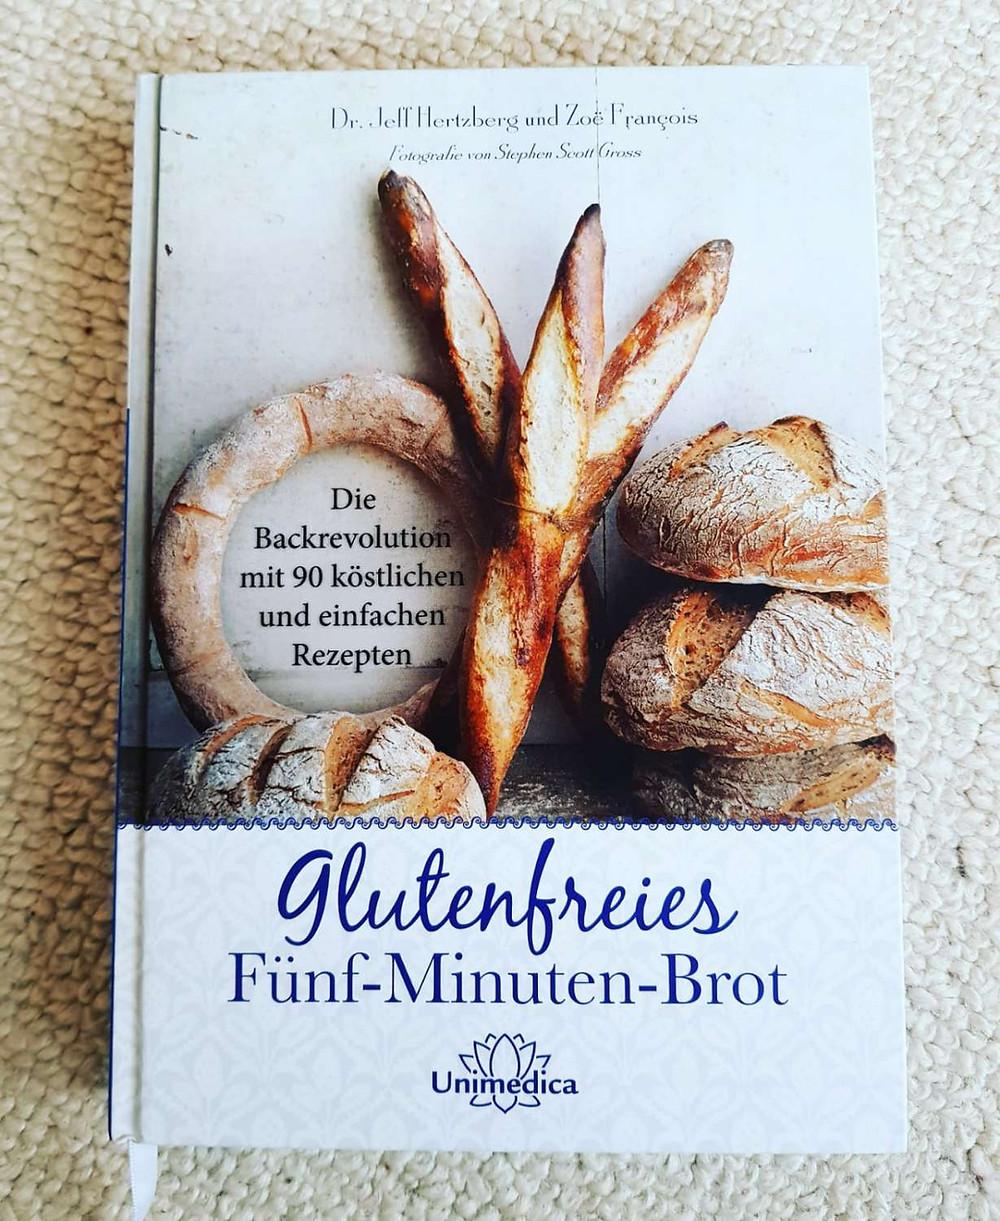 """""""Glutenfreies Fünf- Minuten-Brot"""" von Dr. Jeff Hertzberg und Zoe Francois"""